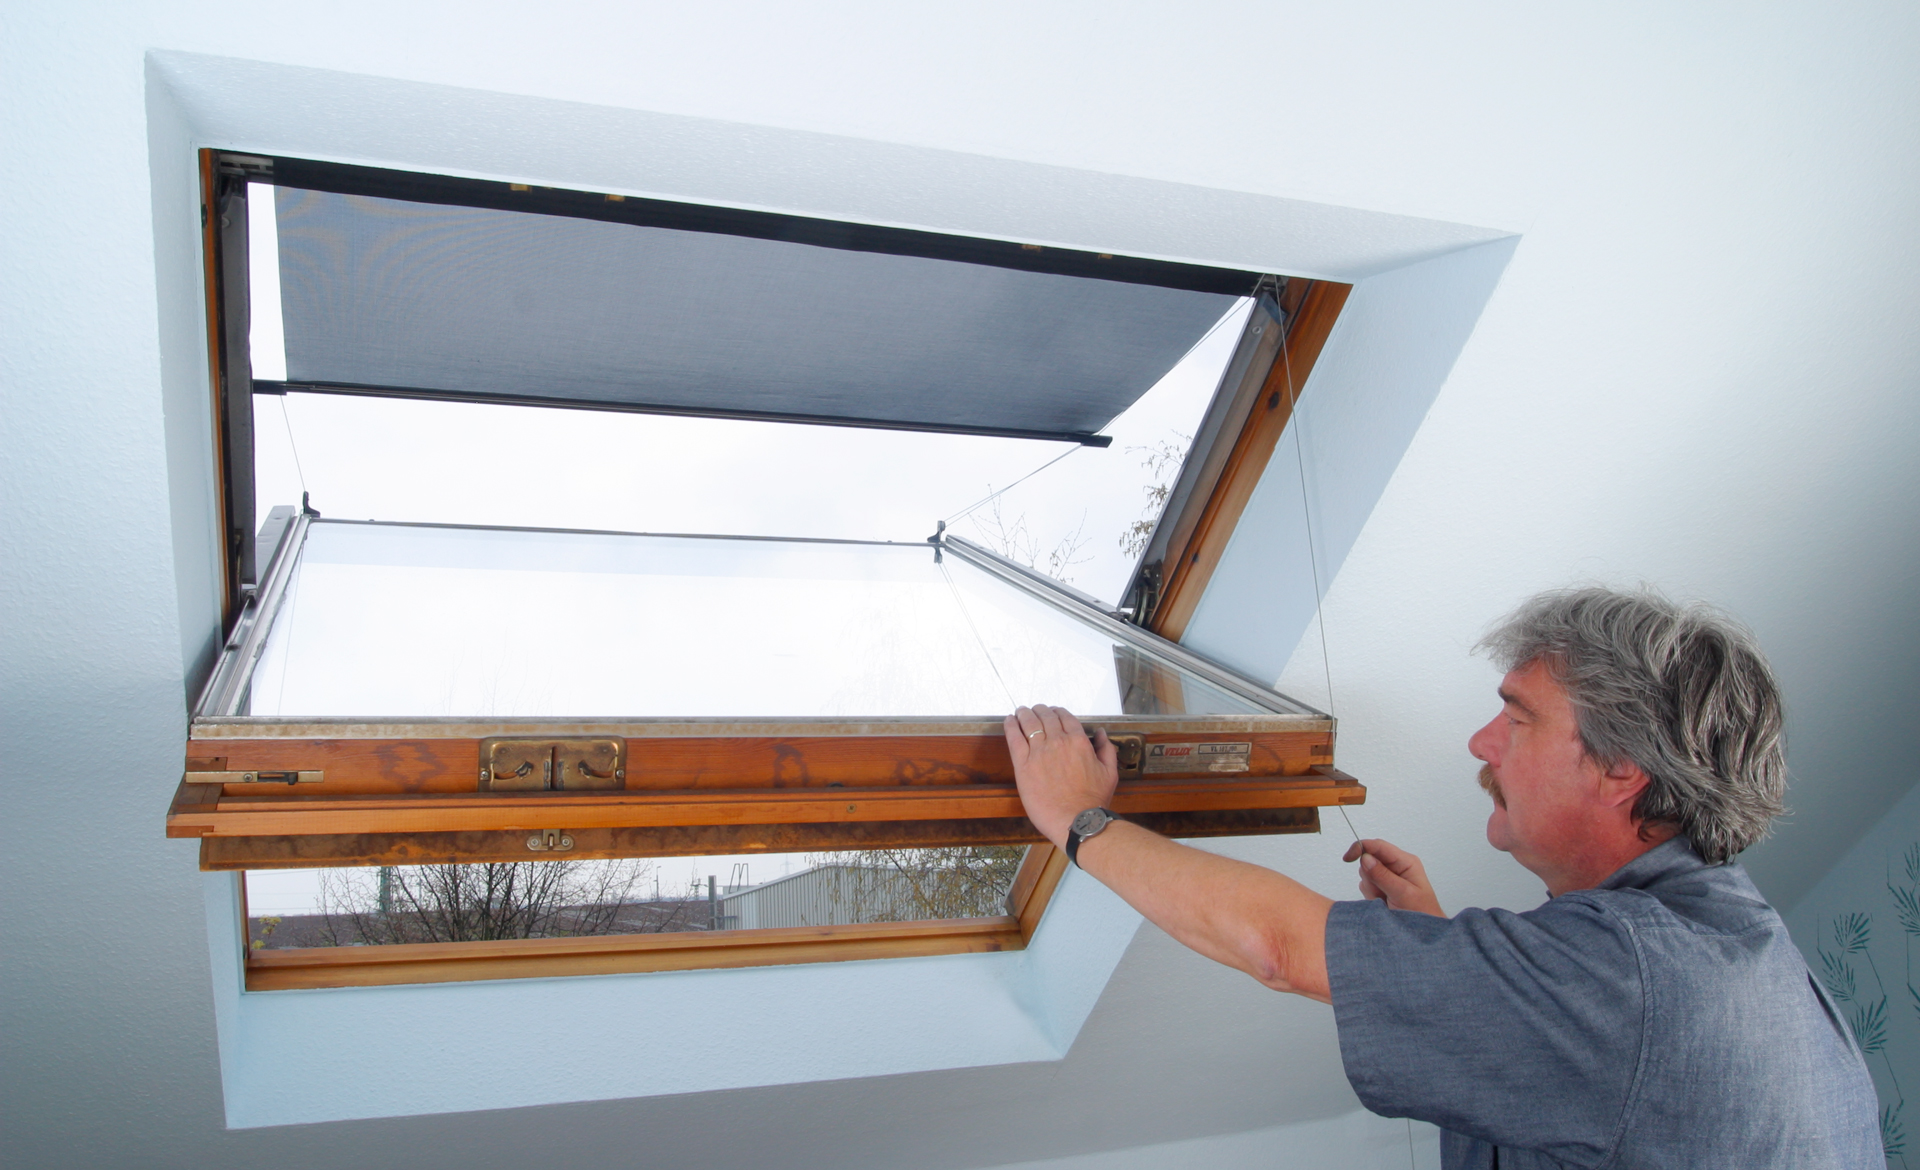 Full Size of Hitzeschutz Markise Dachfenster Selbstde Rahmenlose Fenster Maße Preisvergleich Rollos Für Kaufen In Polen Sichtschutzfolie Einseitig Durchsichtig Drutex Fenster Sonnenschutz Fenster Außen